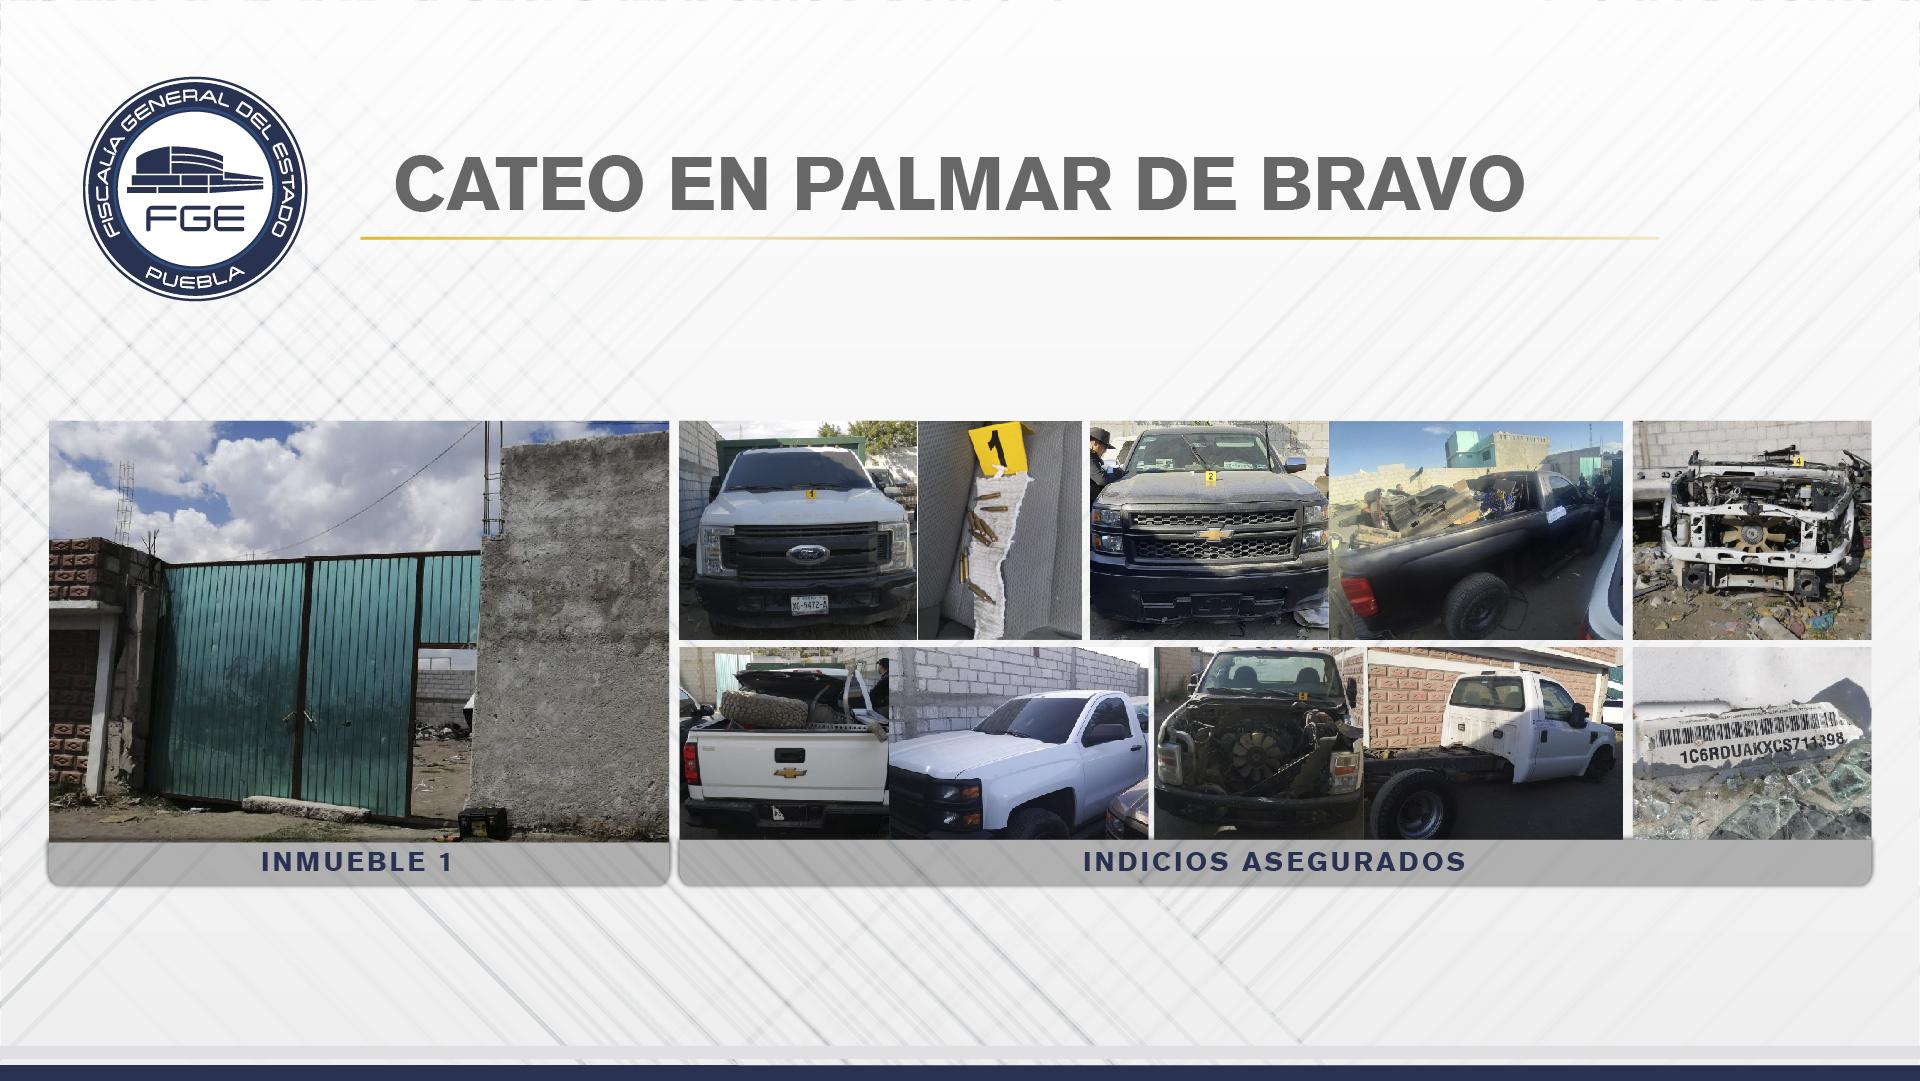 En Palmar de Bravo, Fiscalía cateó dos inmuebles conectados entre sí